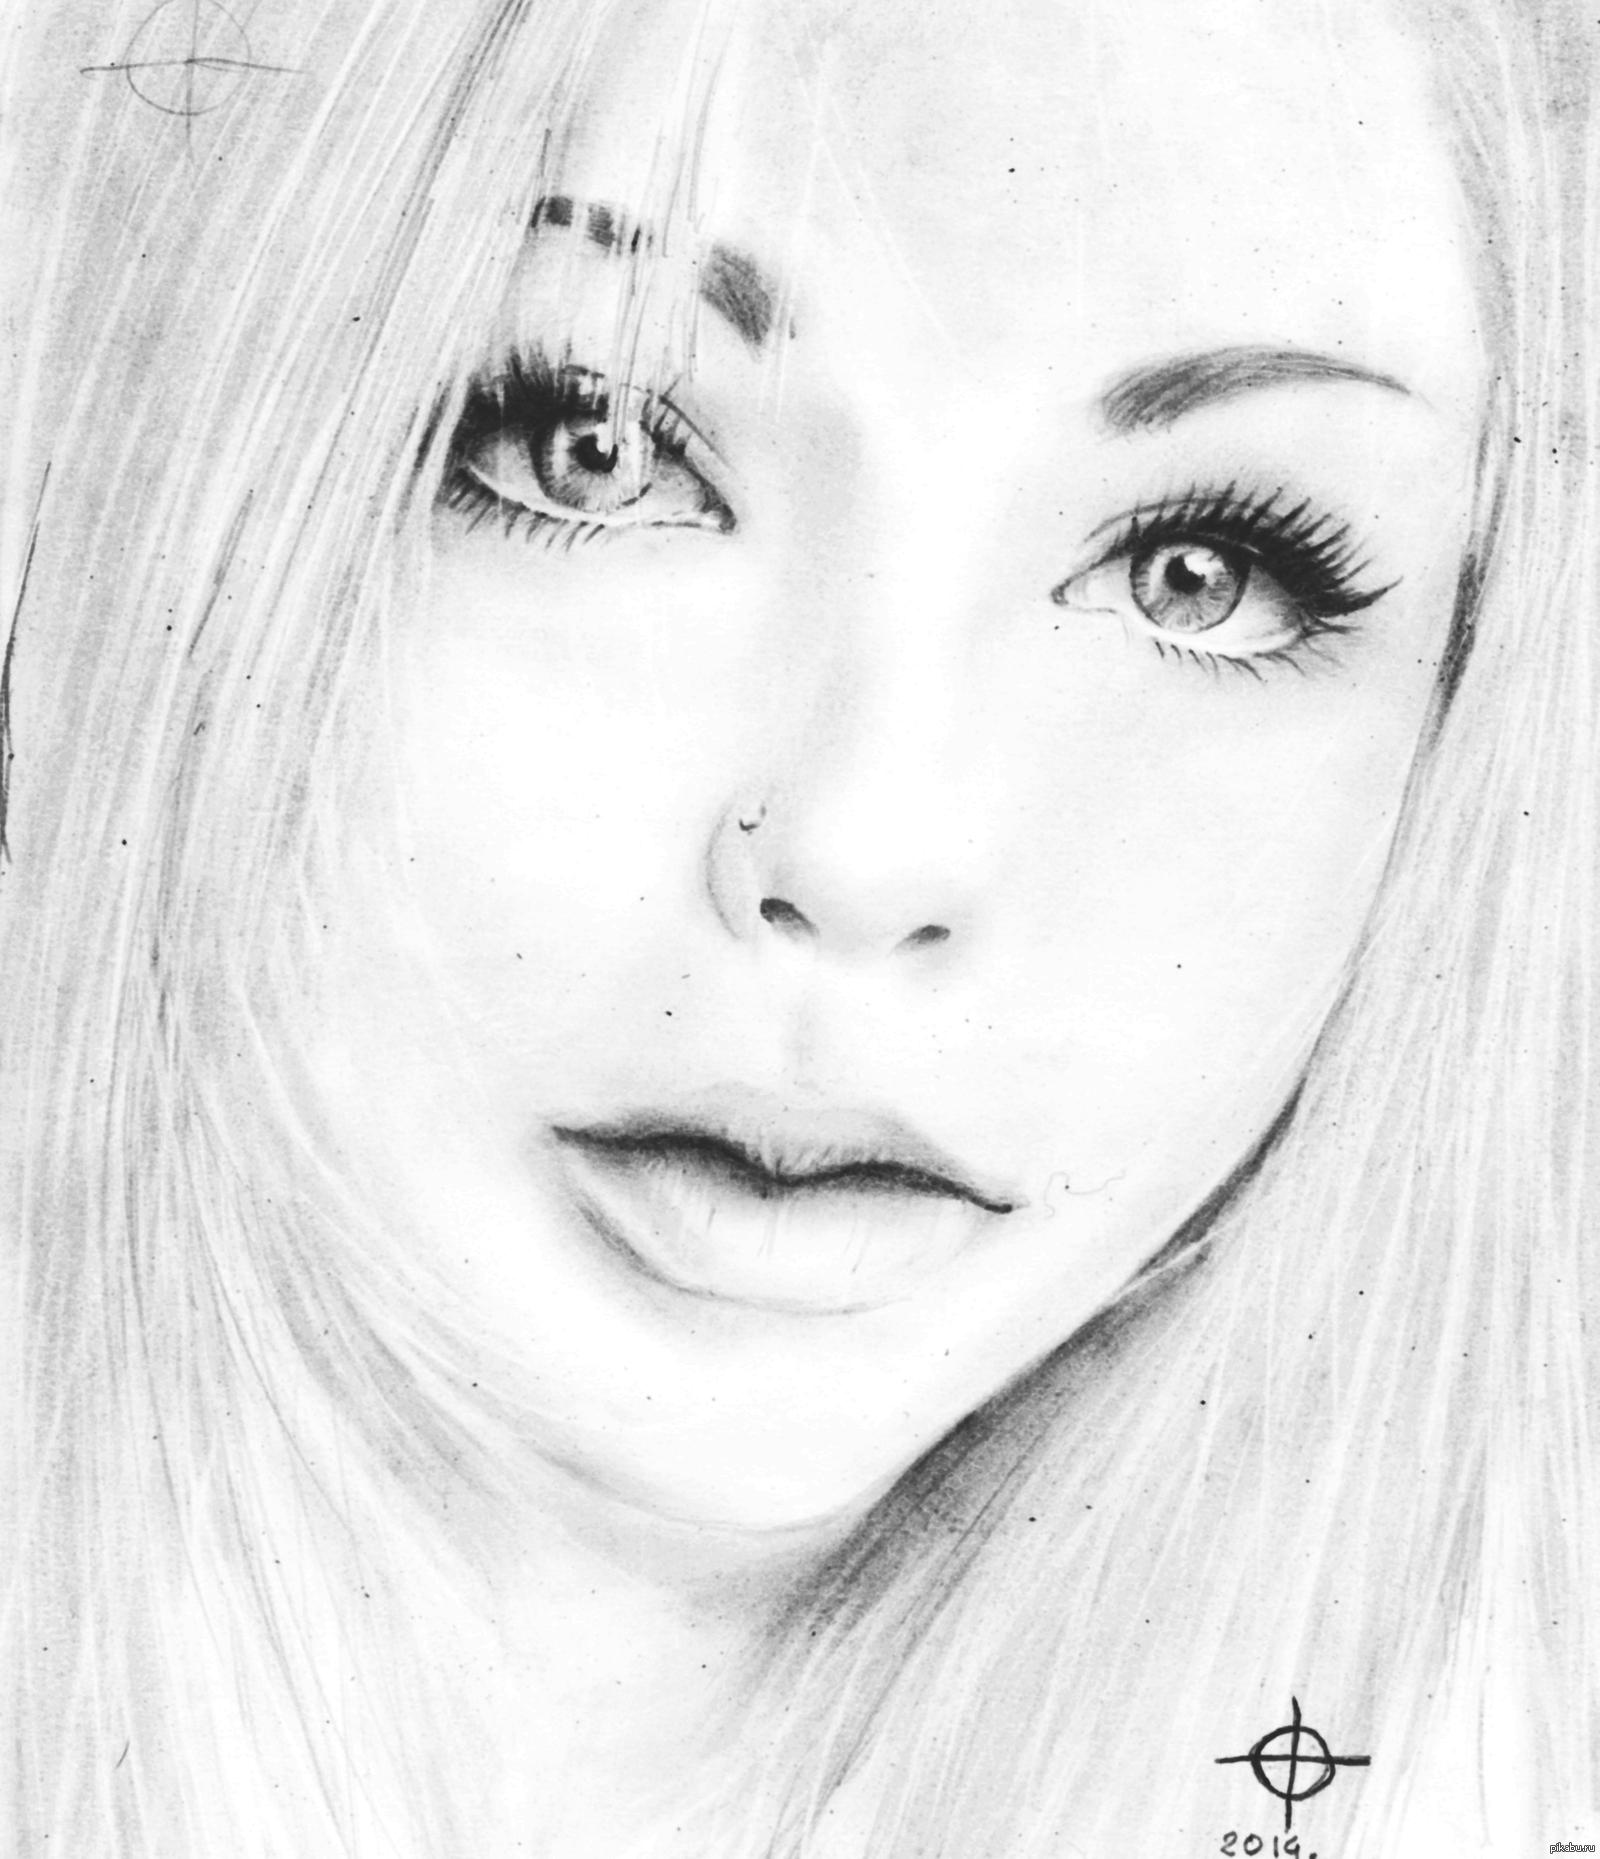 Картинка девушек нарисованная карандашом